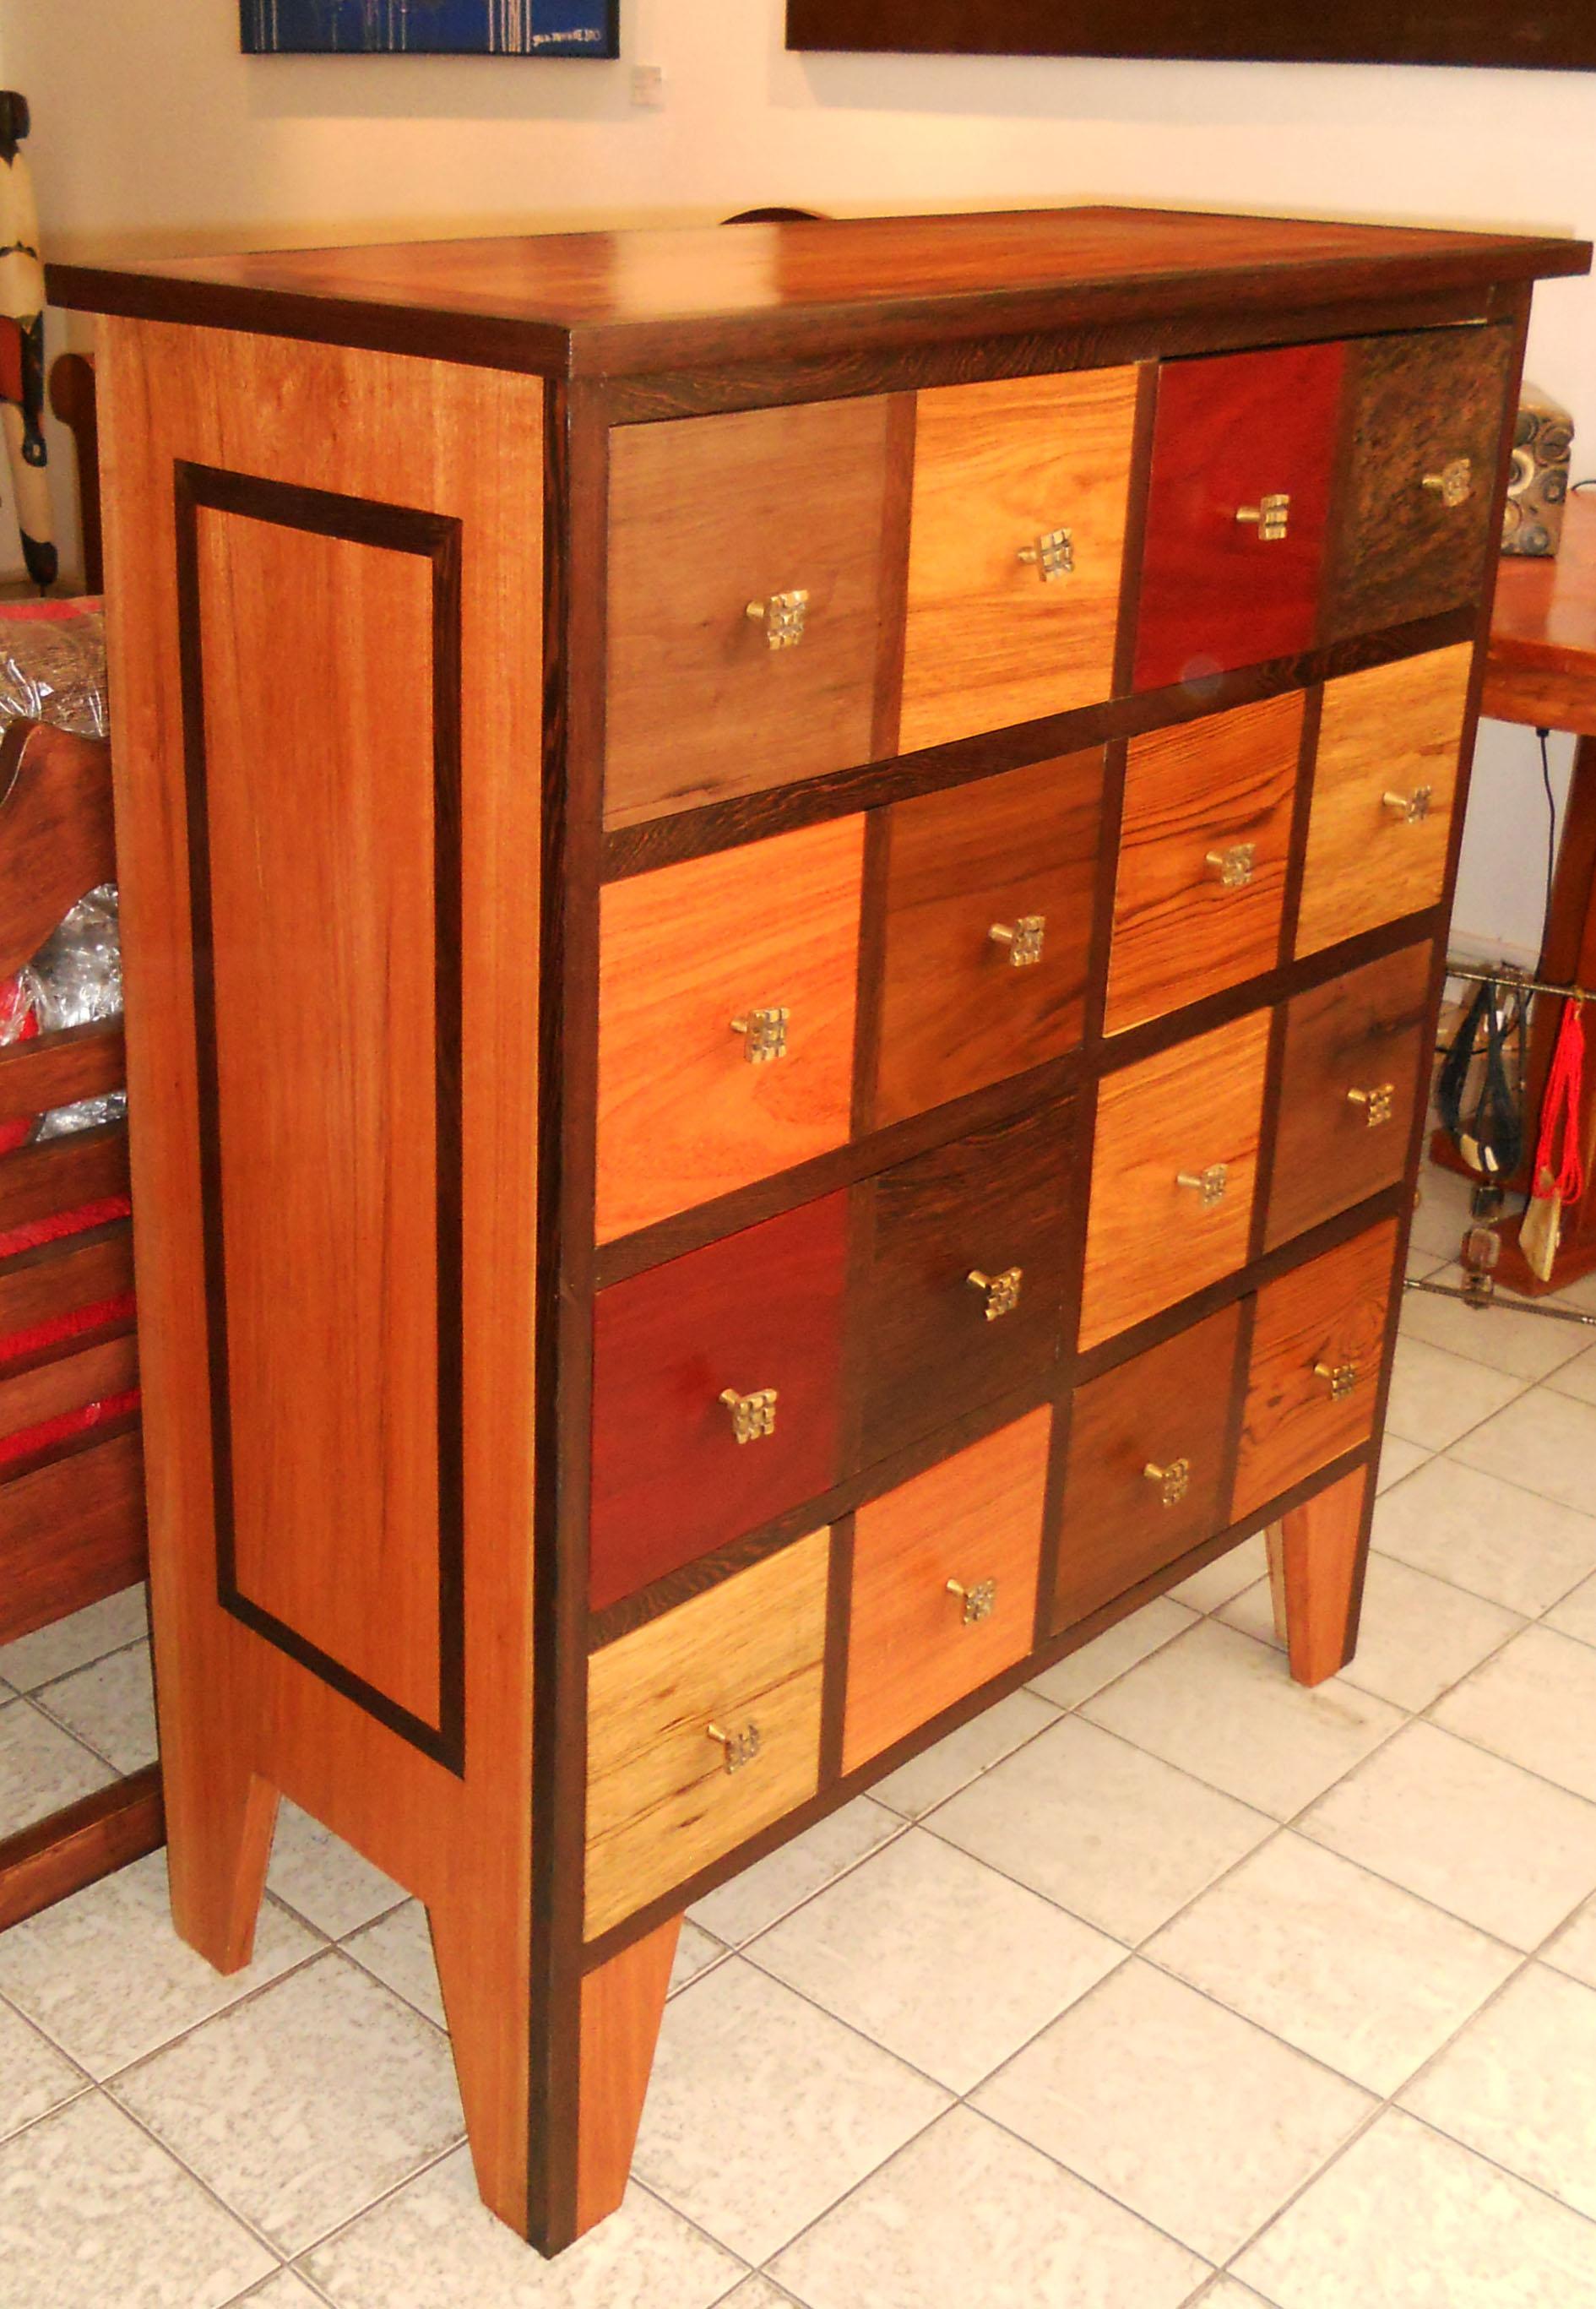 les armoires buffets commodes en assemblage de bois pr cieux et autres mat riaux galerie arte. Black Bedroom Furniture Sets. Home Design Ideas